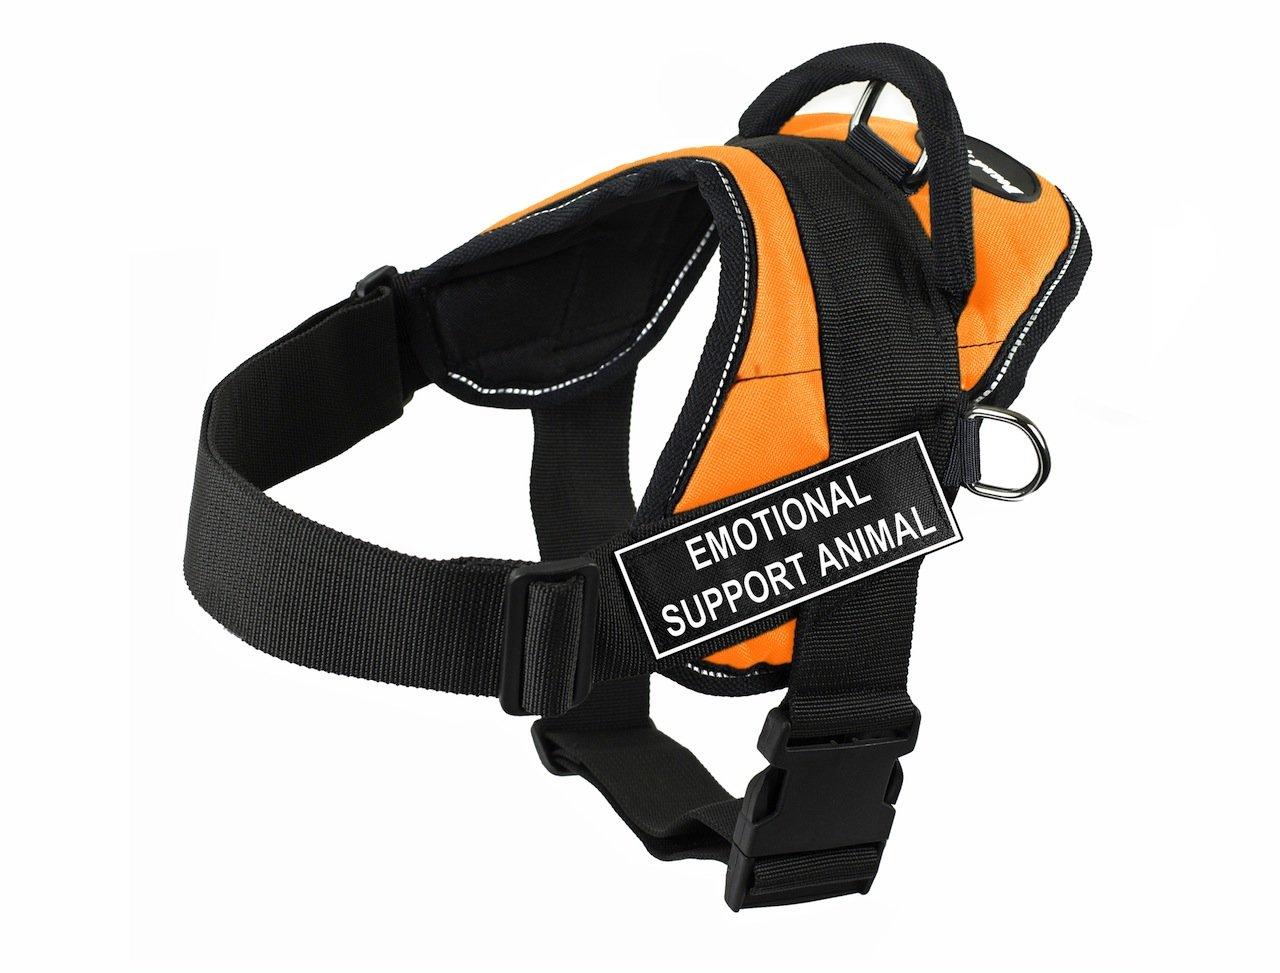 economico in alta qualità Dean & Tyler Tyler Tyler Fun Emotional Support Animal Grande Arancione Imbracatura con Inserti Riflettenti.  risparmia il 60% di sconto